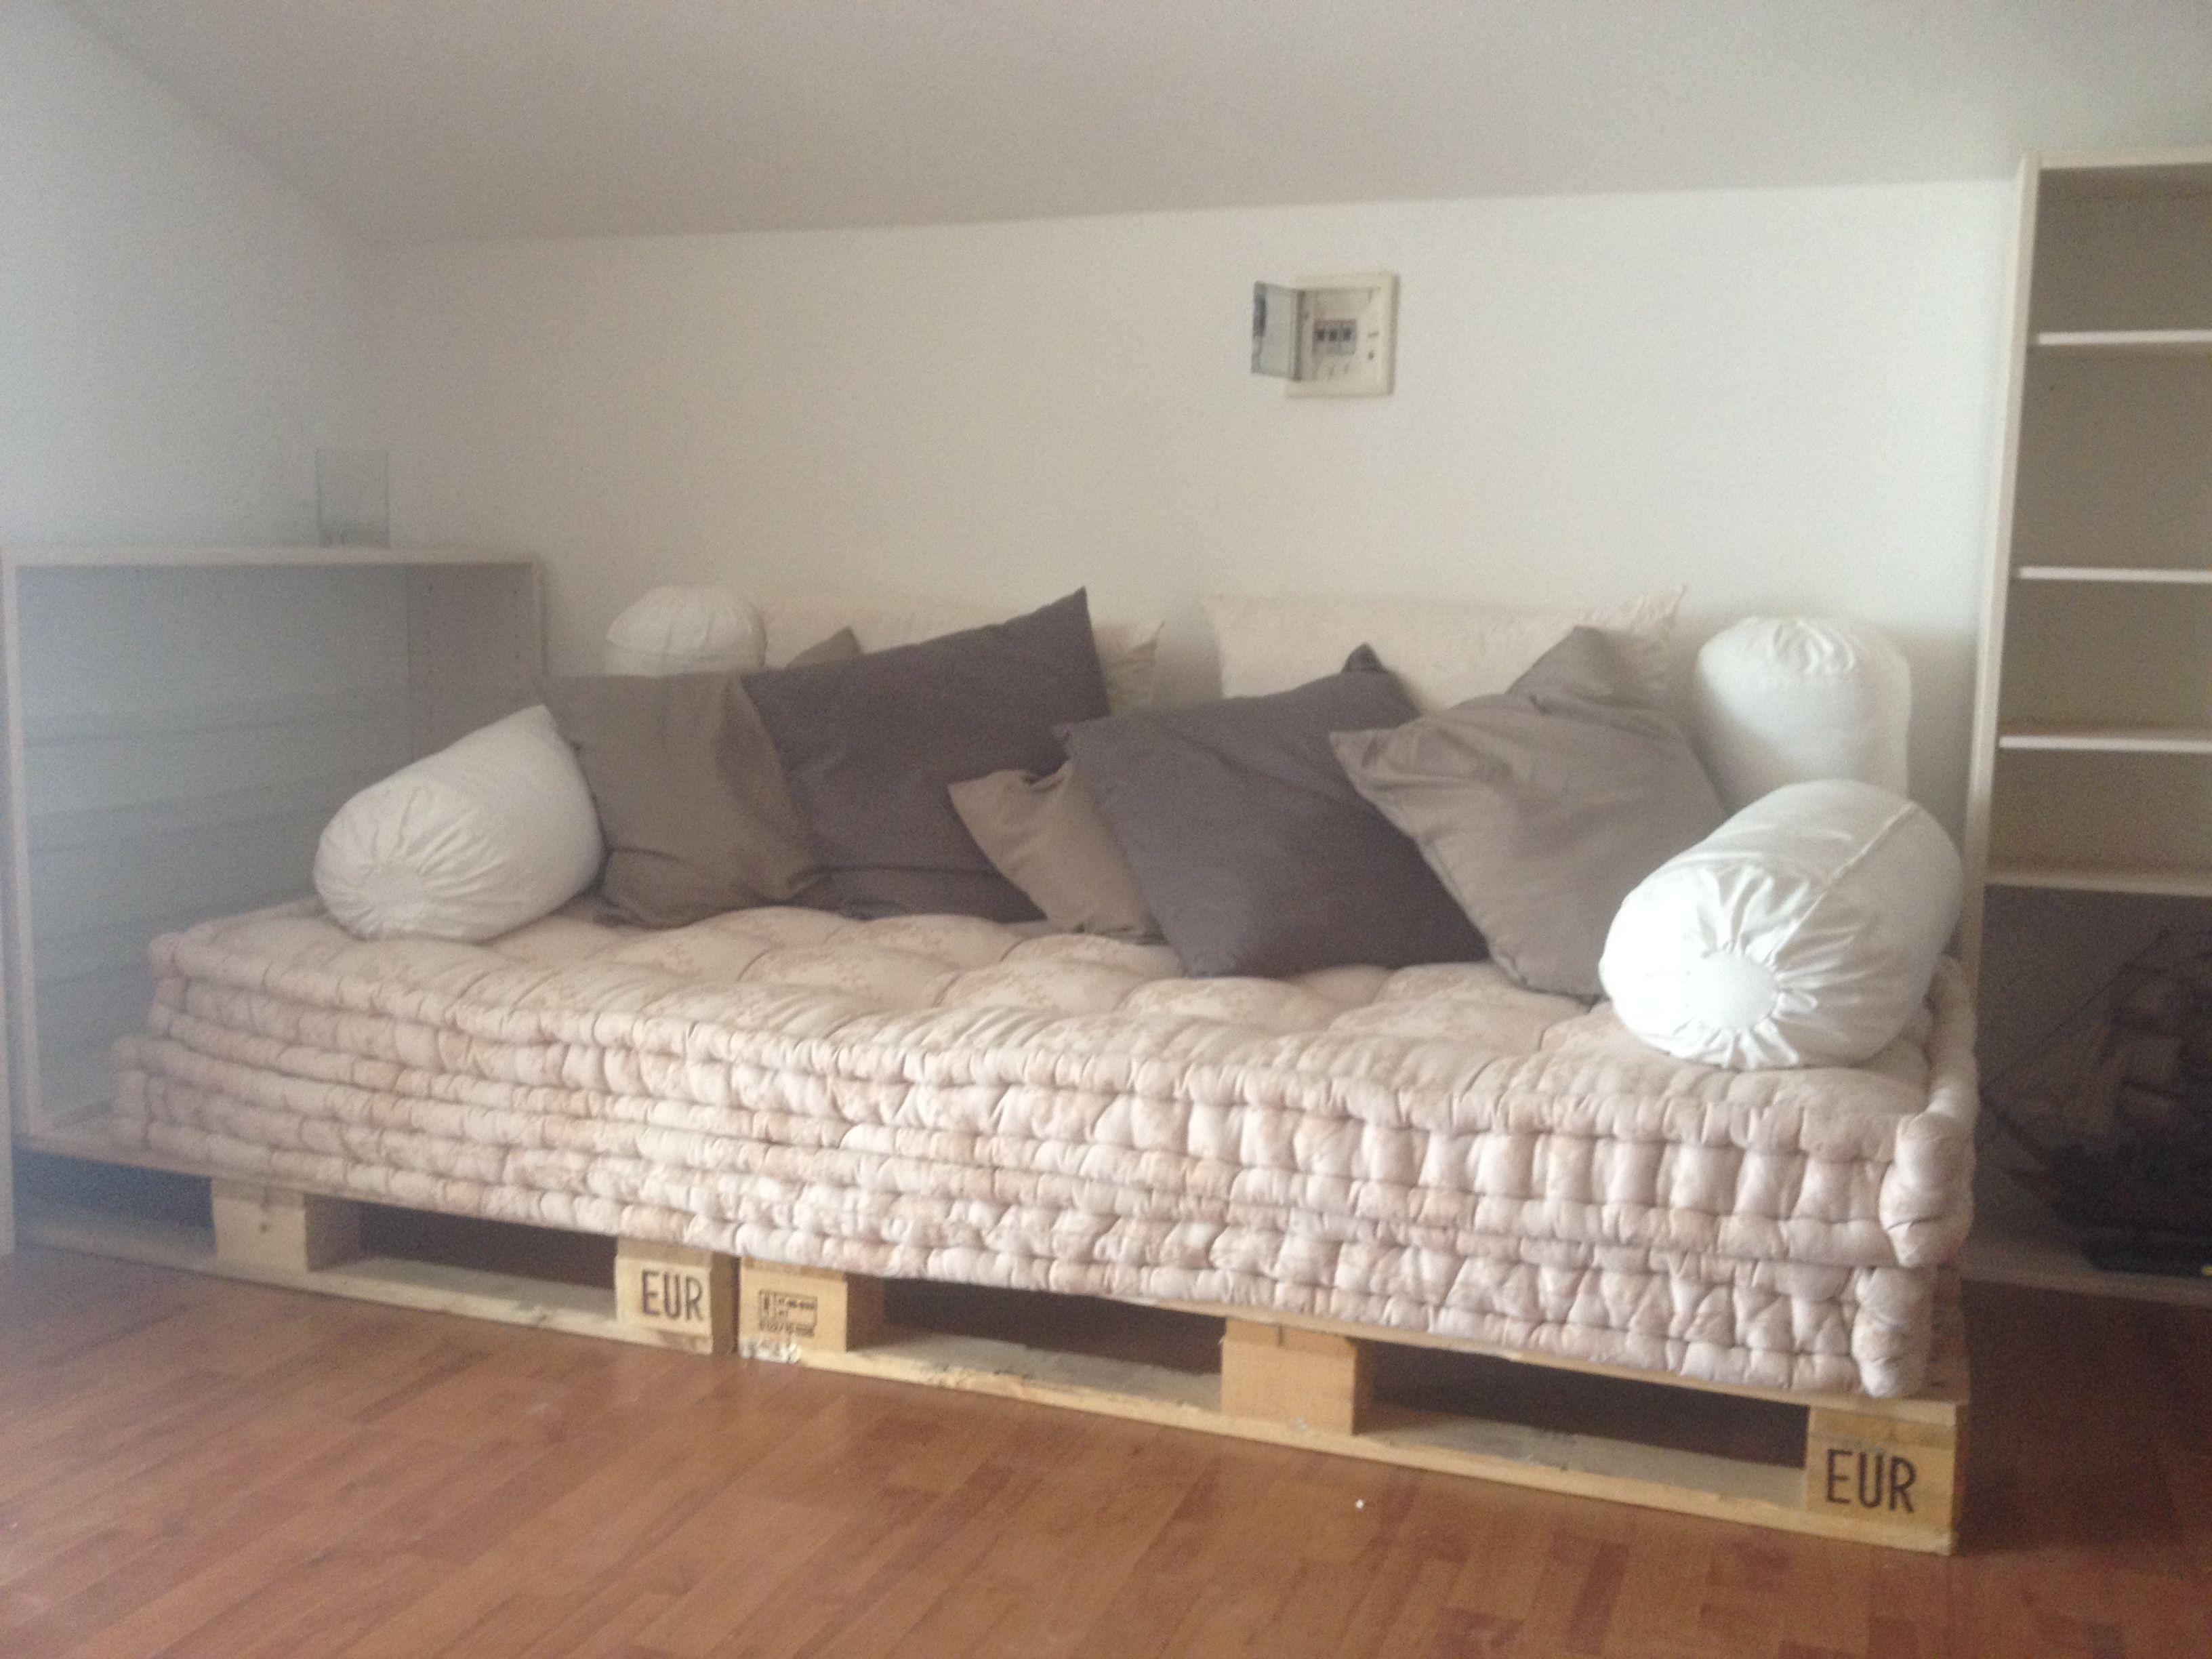 Divano con bancali materassi di lana e cuscini ikea for Ikea cuscini letto